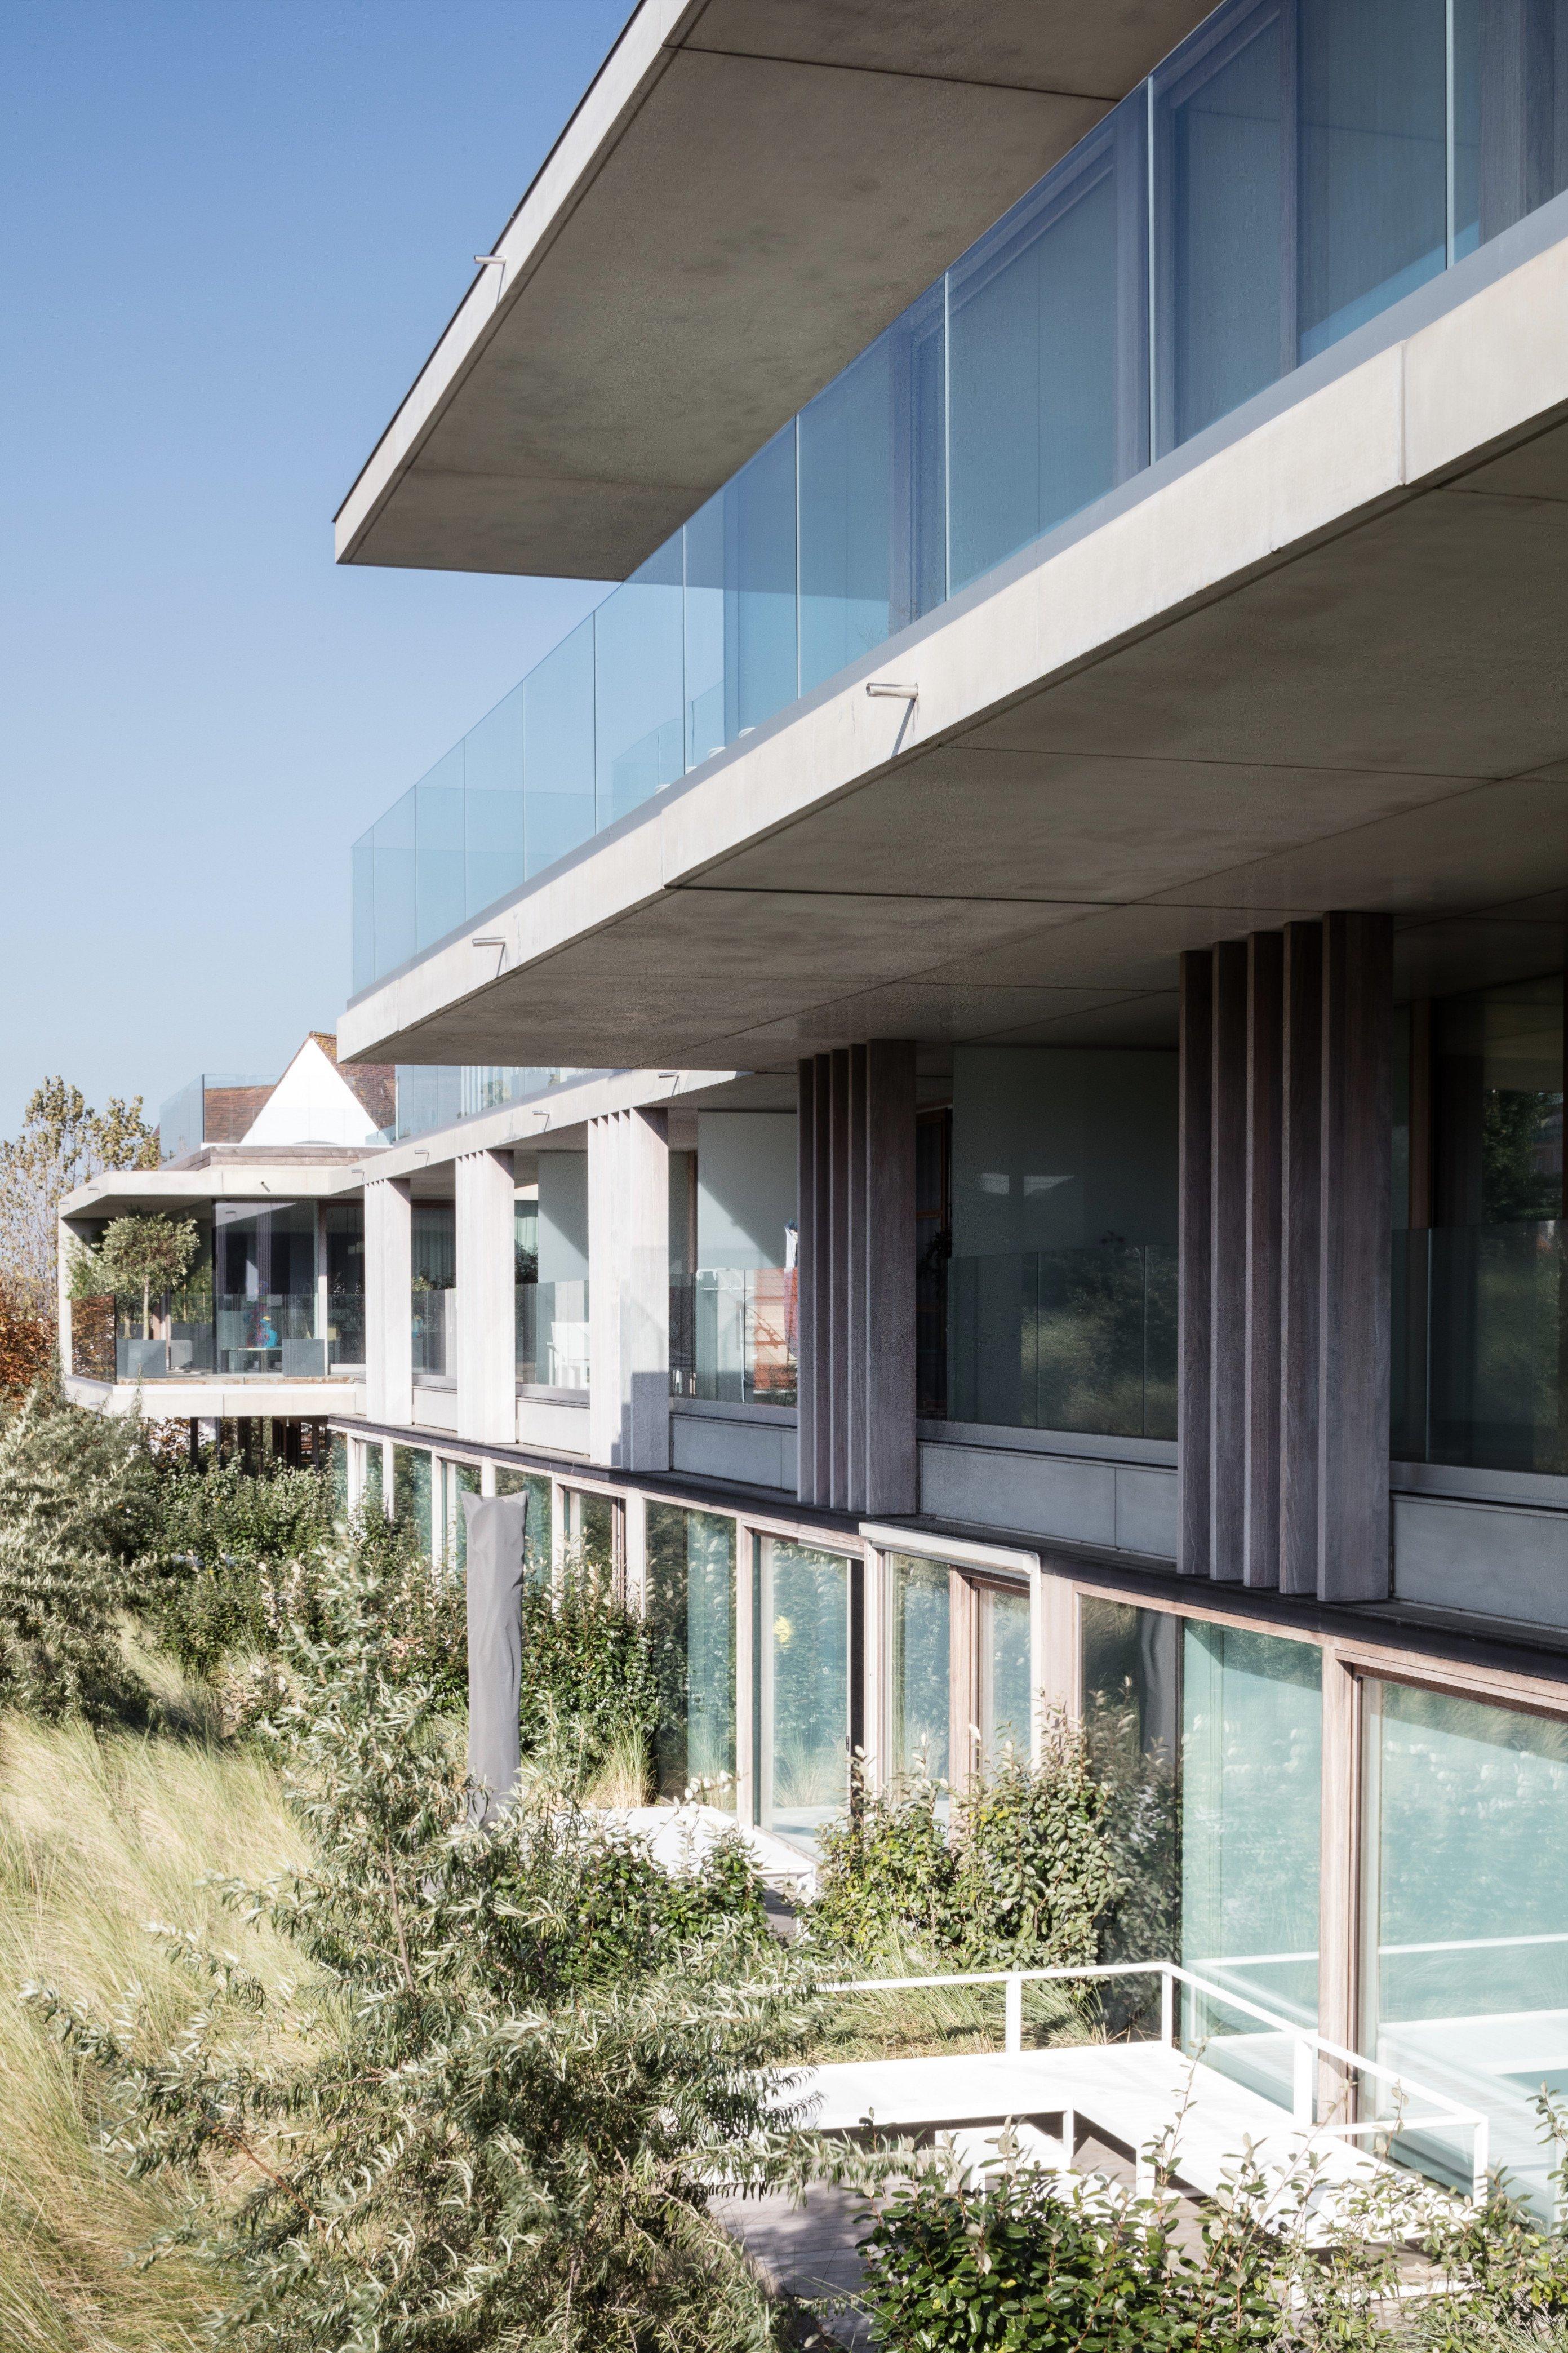 Rietveldprojects-Corbu-Koksijde-Fototimvandevelde15